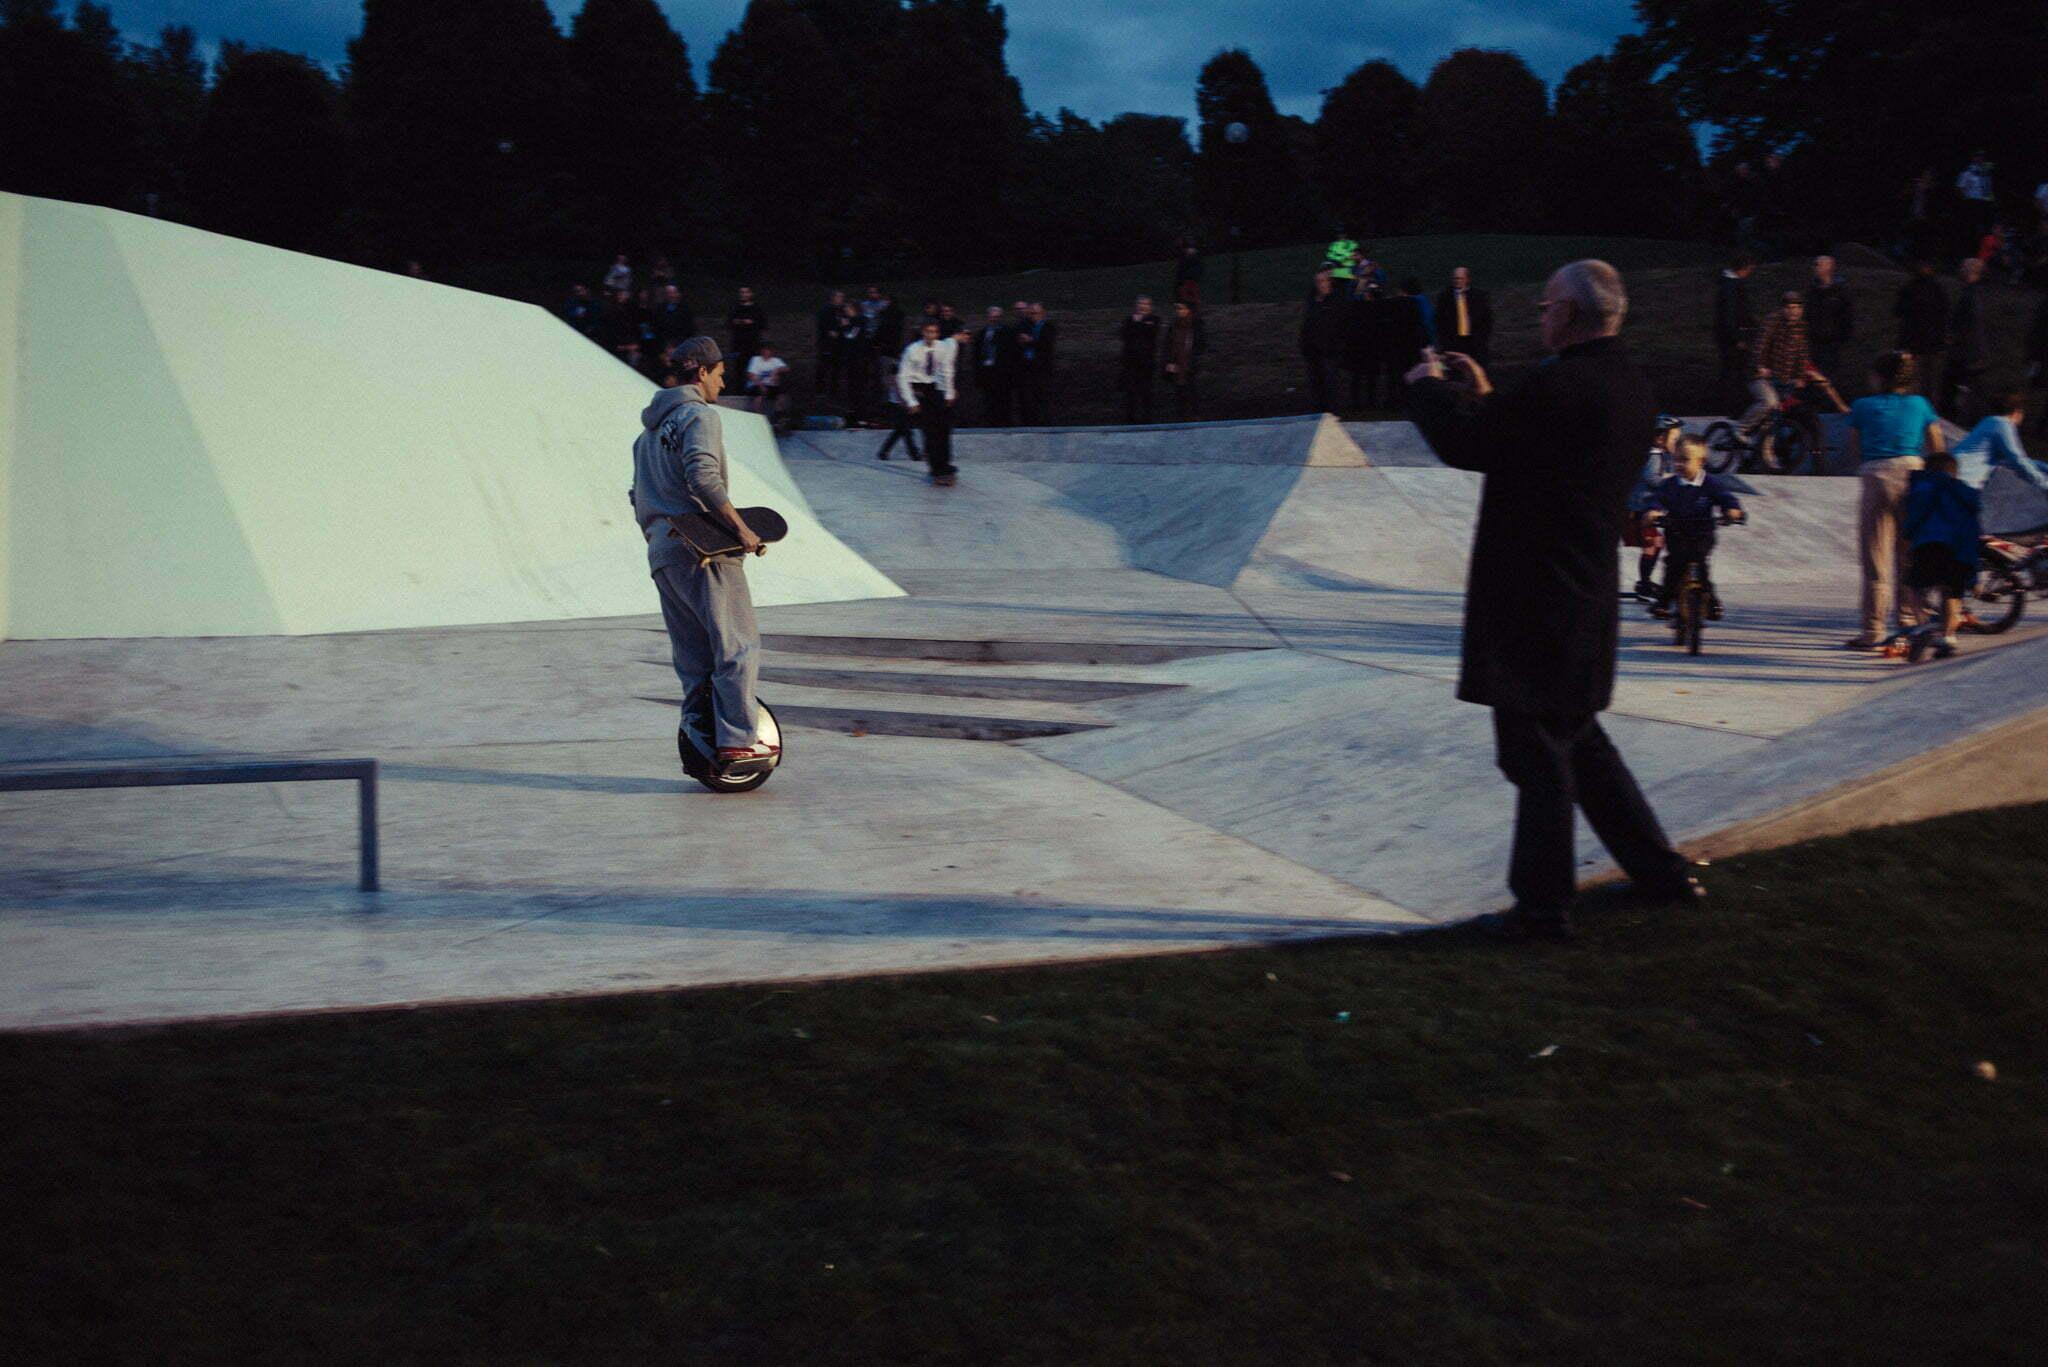 biennial-evertro-skatepark-6263-pete-carr